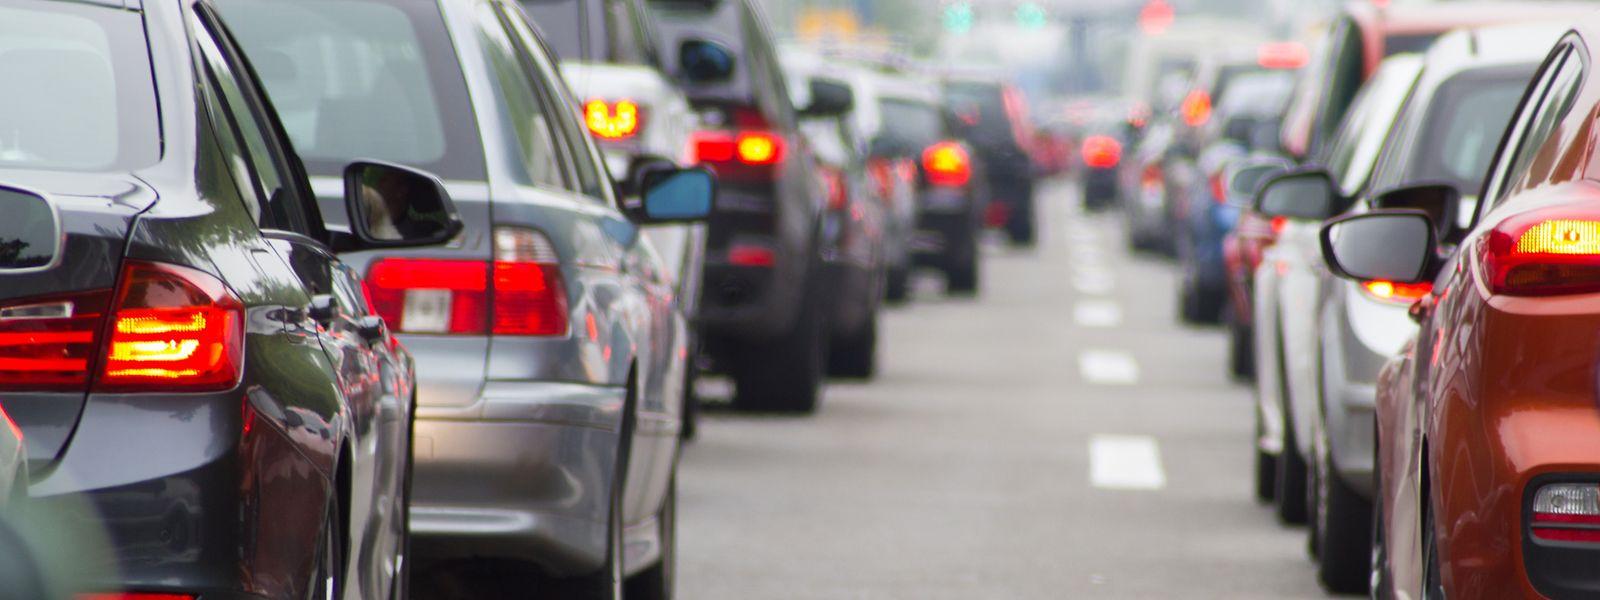 Intelligente Verkehrsleitsysteme sollen Staus in Zukunft besser verhindern können.